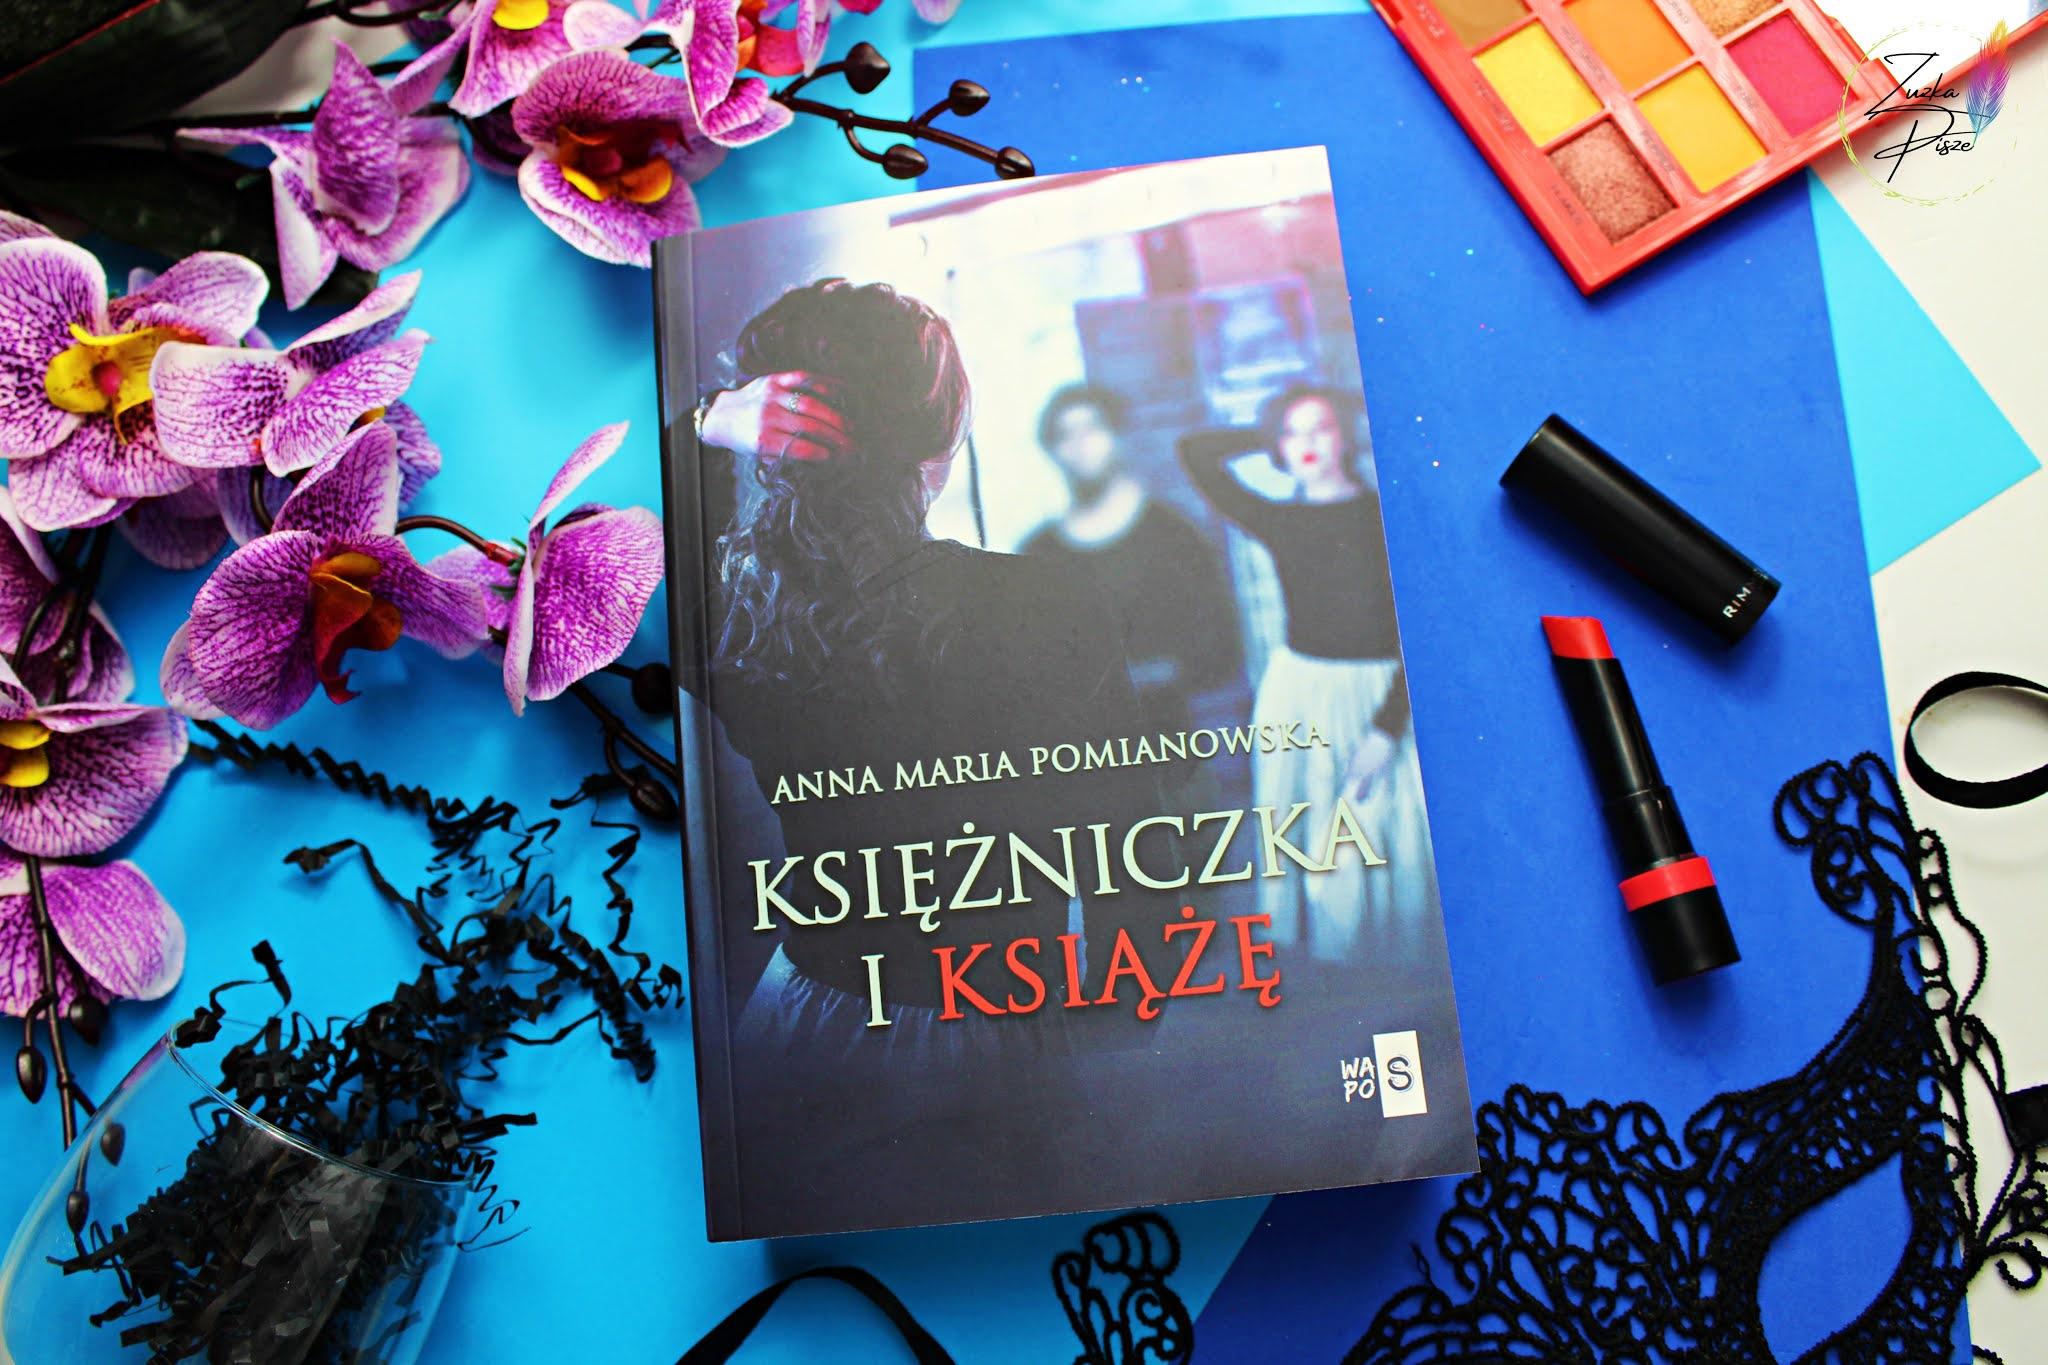 """Anna Maria Pomianowska """"Księżniczka i Książę"""" - patronacka recenzja książki"""